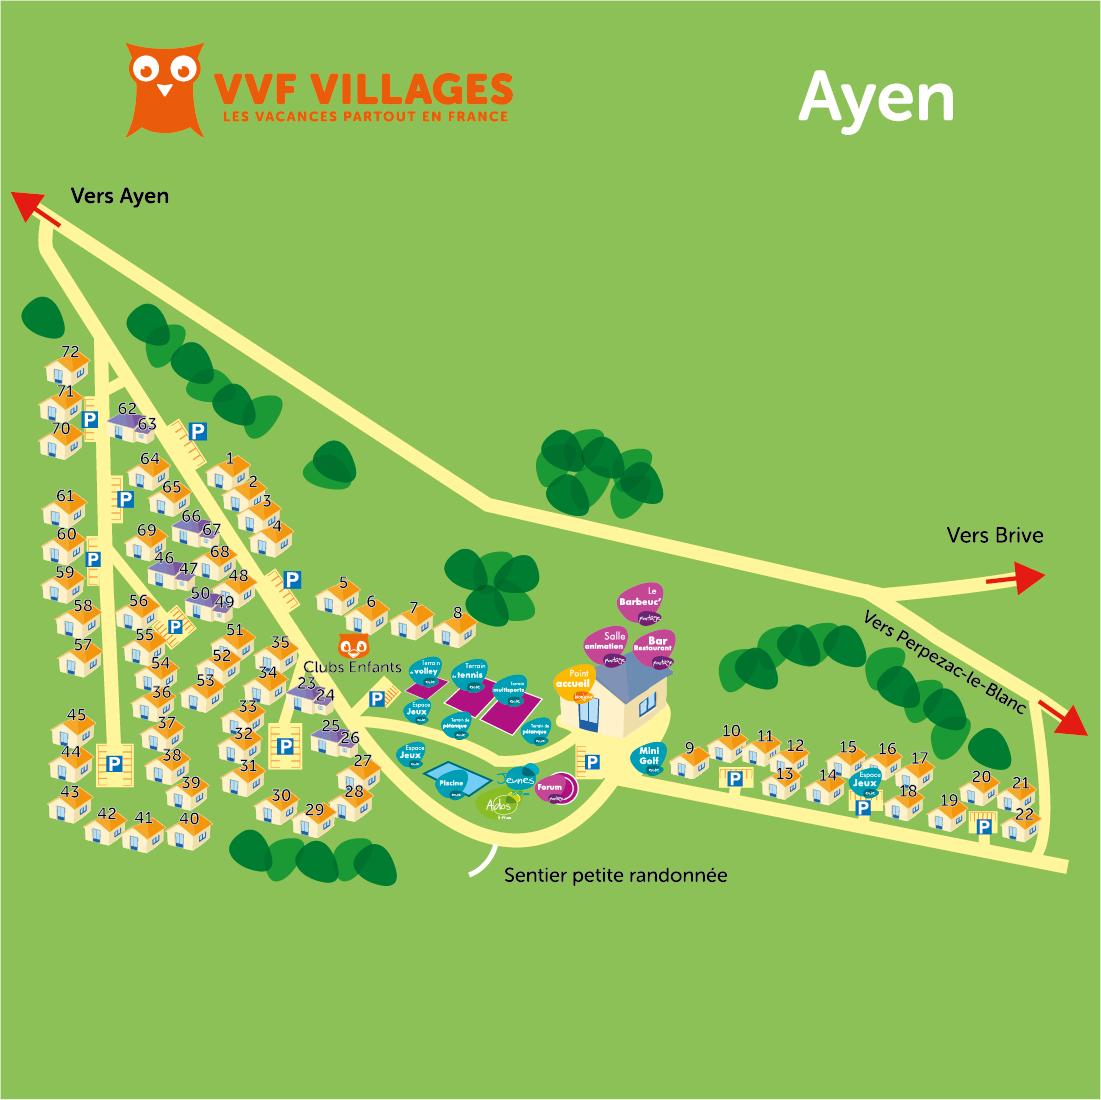 Plan du village de Ayen